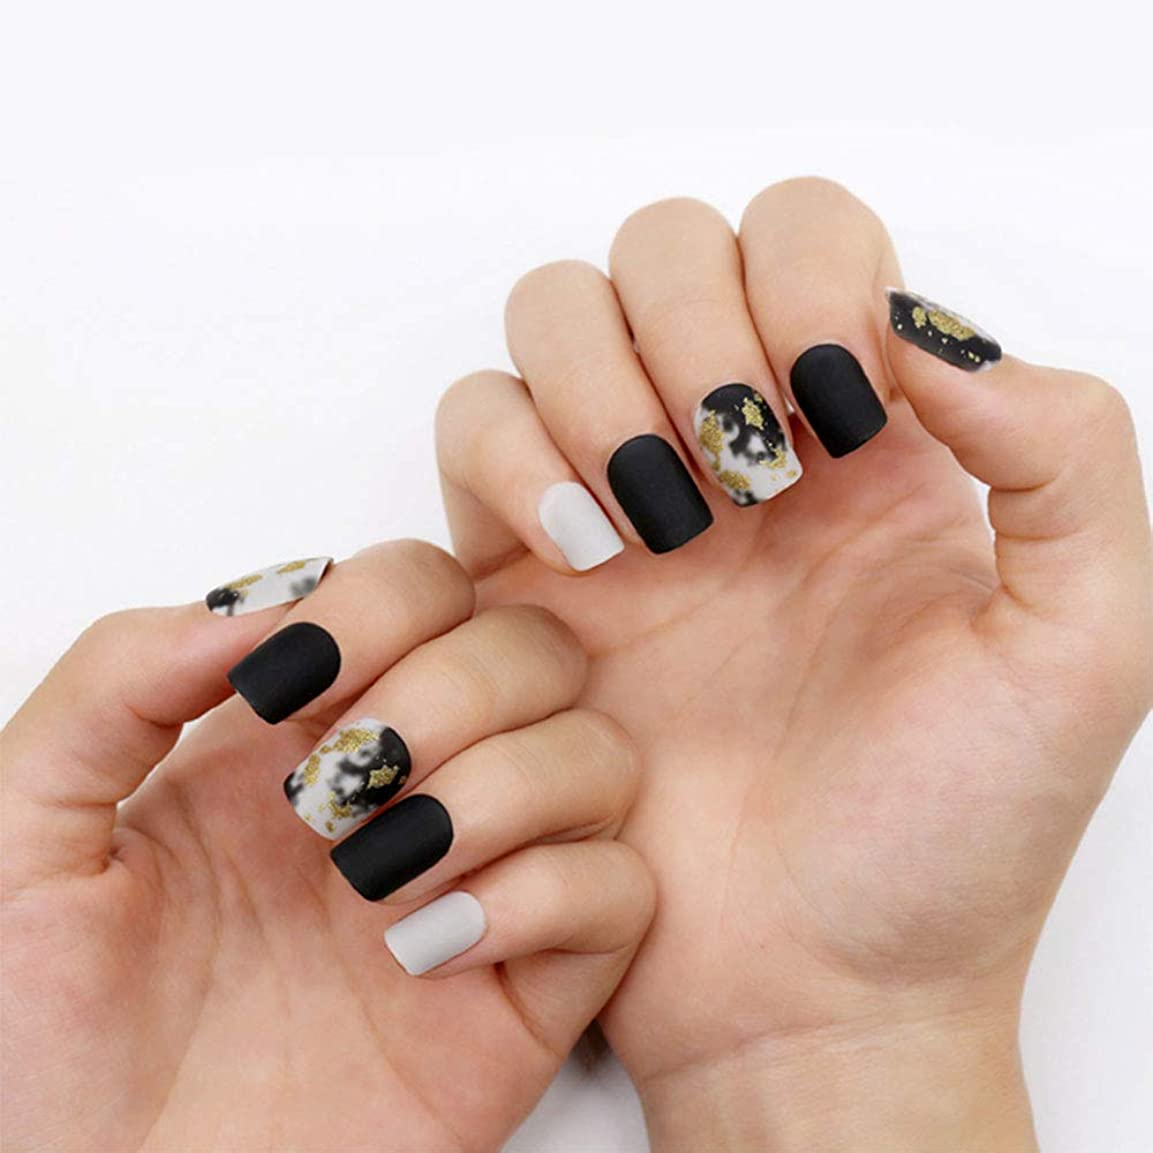 大量小屋なのでネイルチップ 12サイズ 夏の 優雅 黒 つけ爪 ネイル用品 ショート デコレーション 無地 付け爪